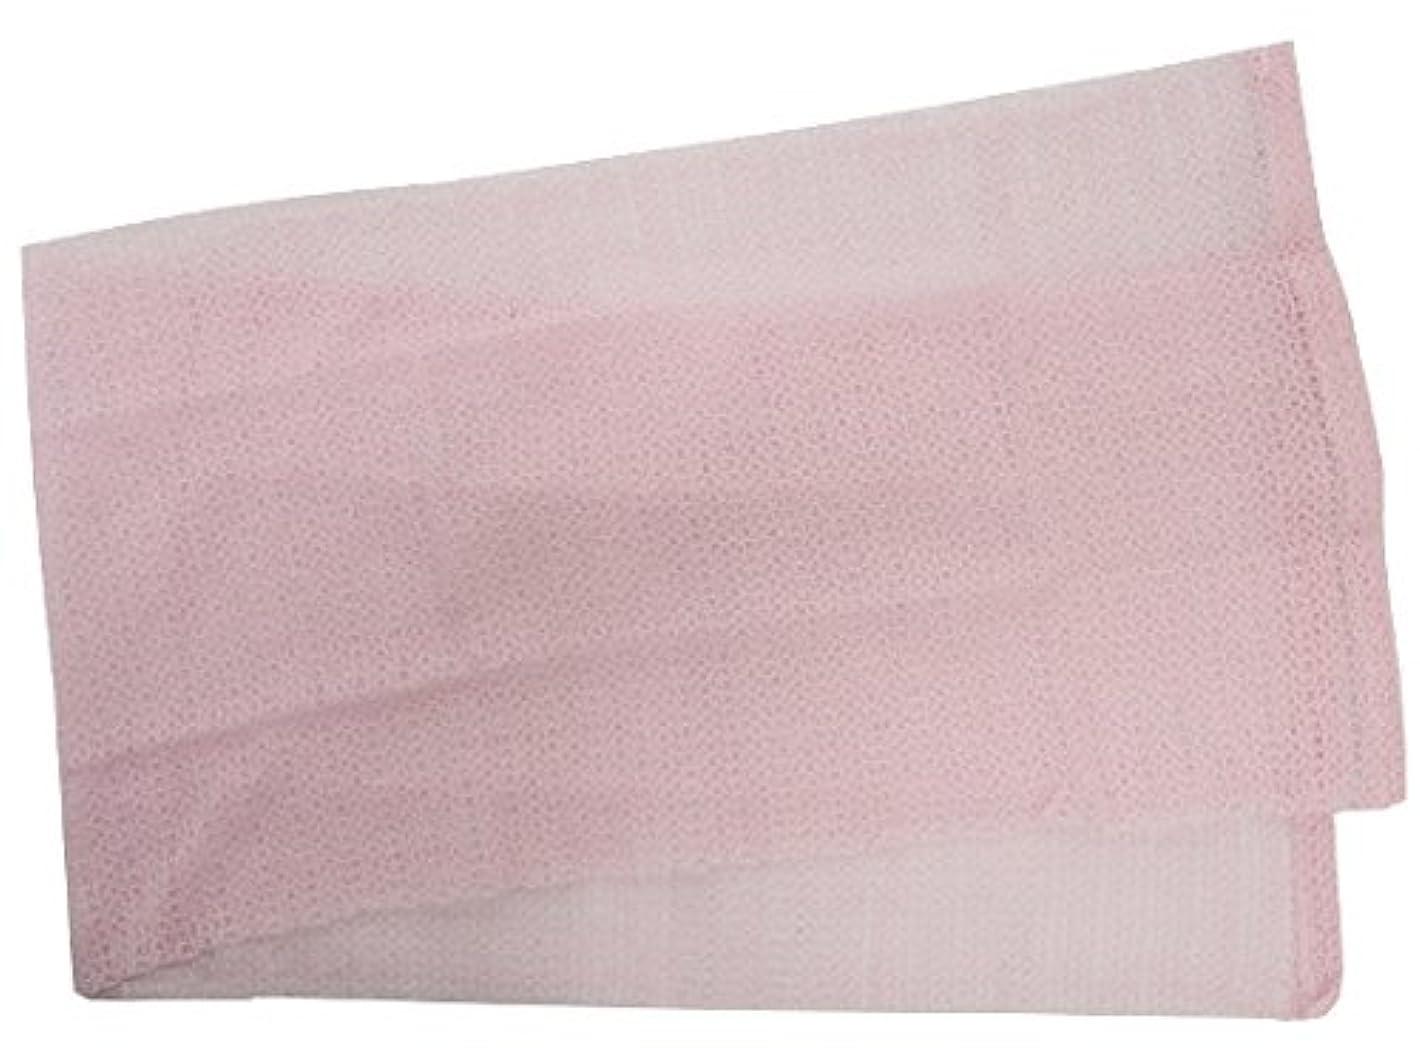 芽失態強調する小久保 『メレンゲのような泡立ちとソフトな肌ざわり』 モコモコボディタオル ピンク 24×100cm 2277